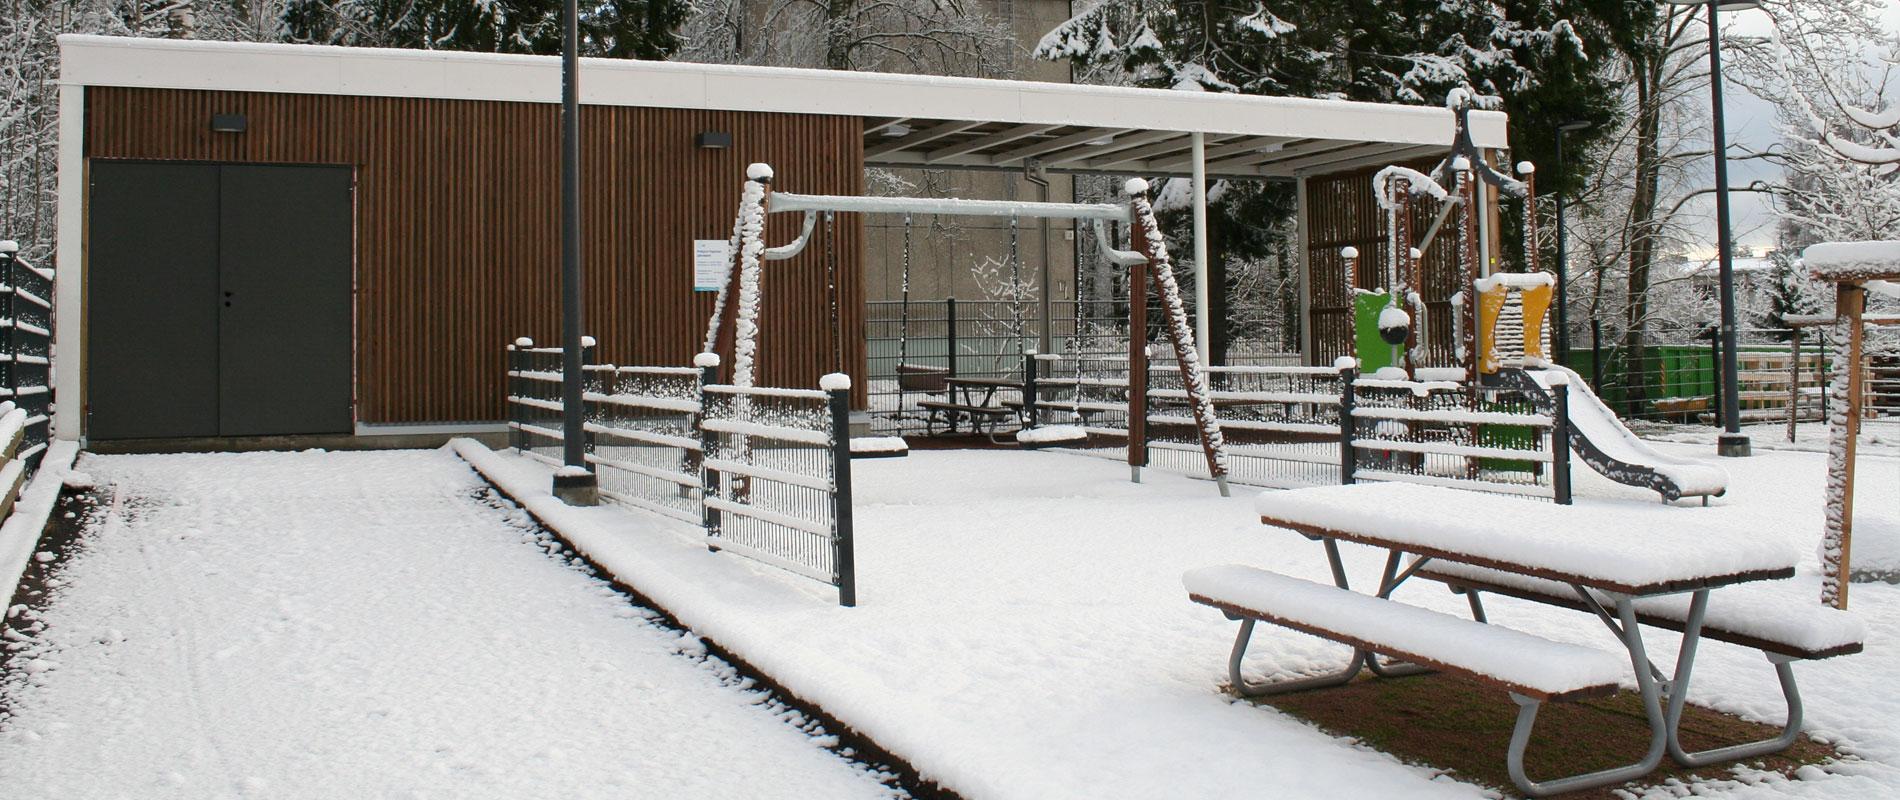 PohjTapiolanpaivakoti-leikkipaikka_talvi1900x1200px